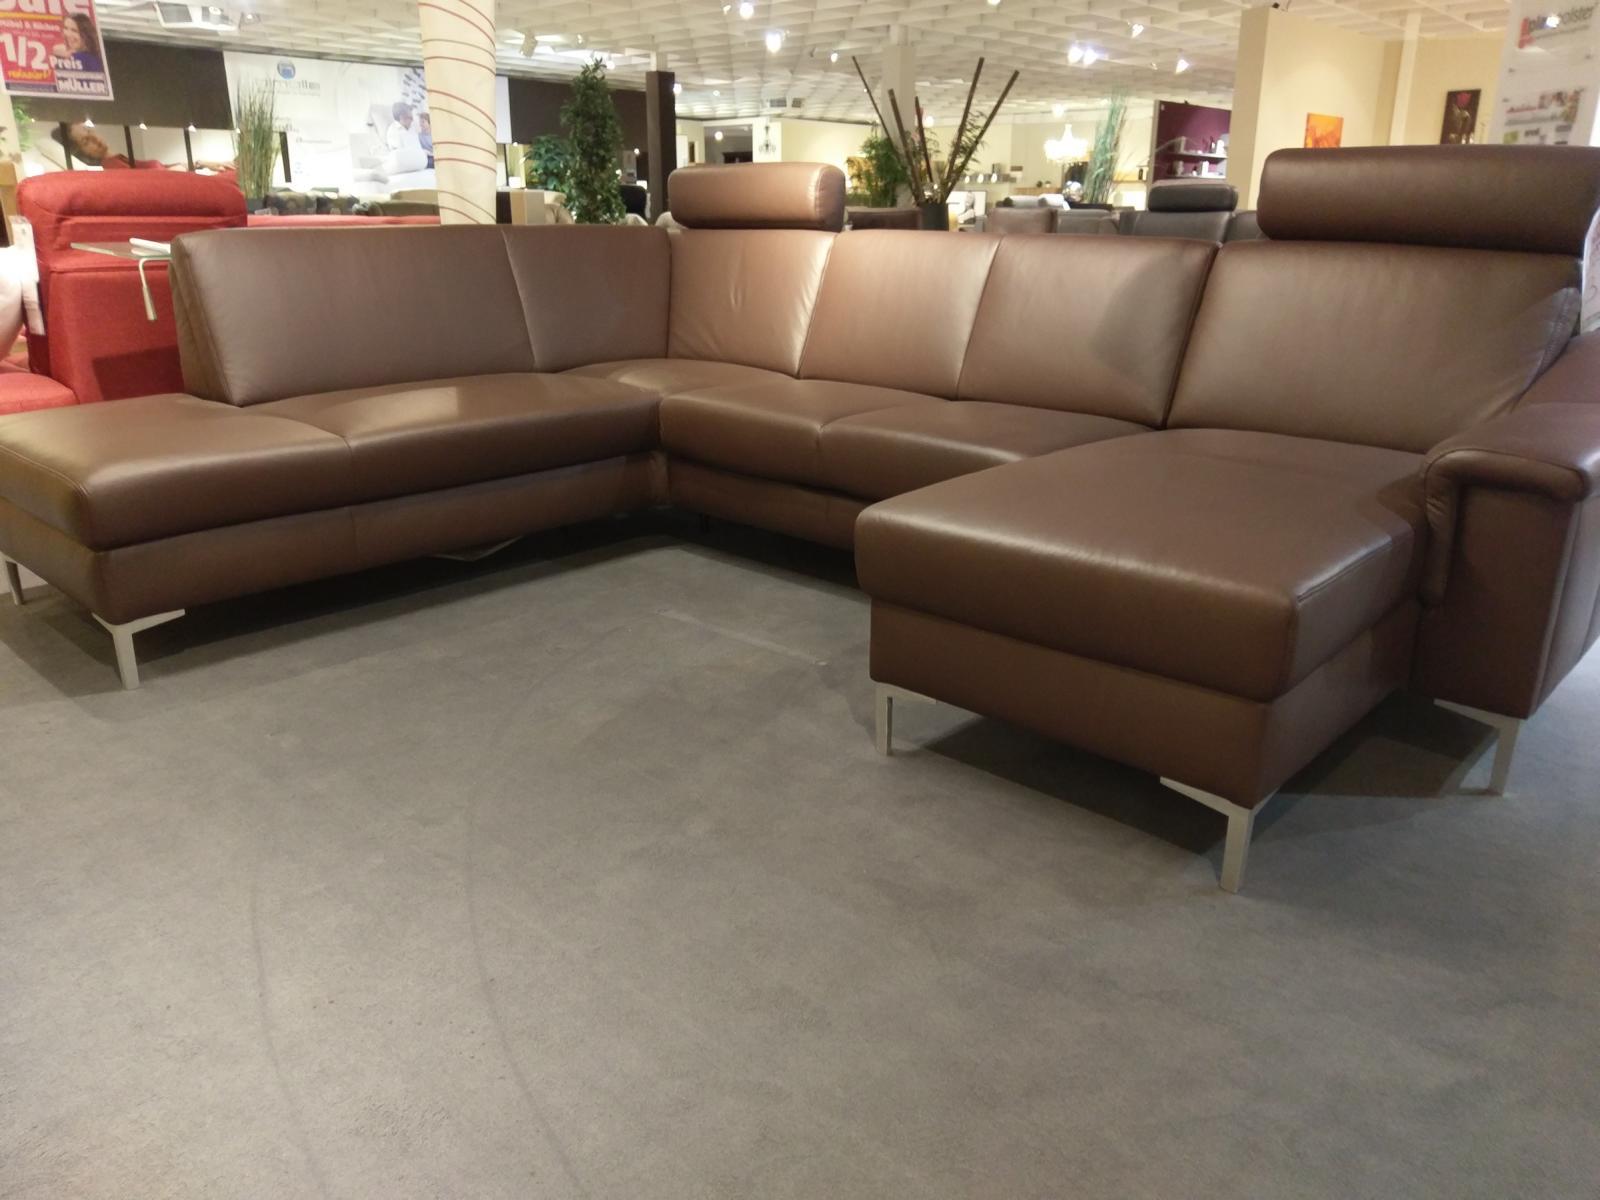 sofalandschaft polstergarnitur selection plus mit. Black Bedroom Furniture Sets. Home Design Ideas